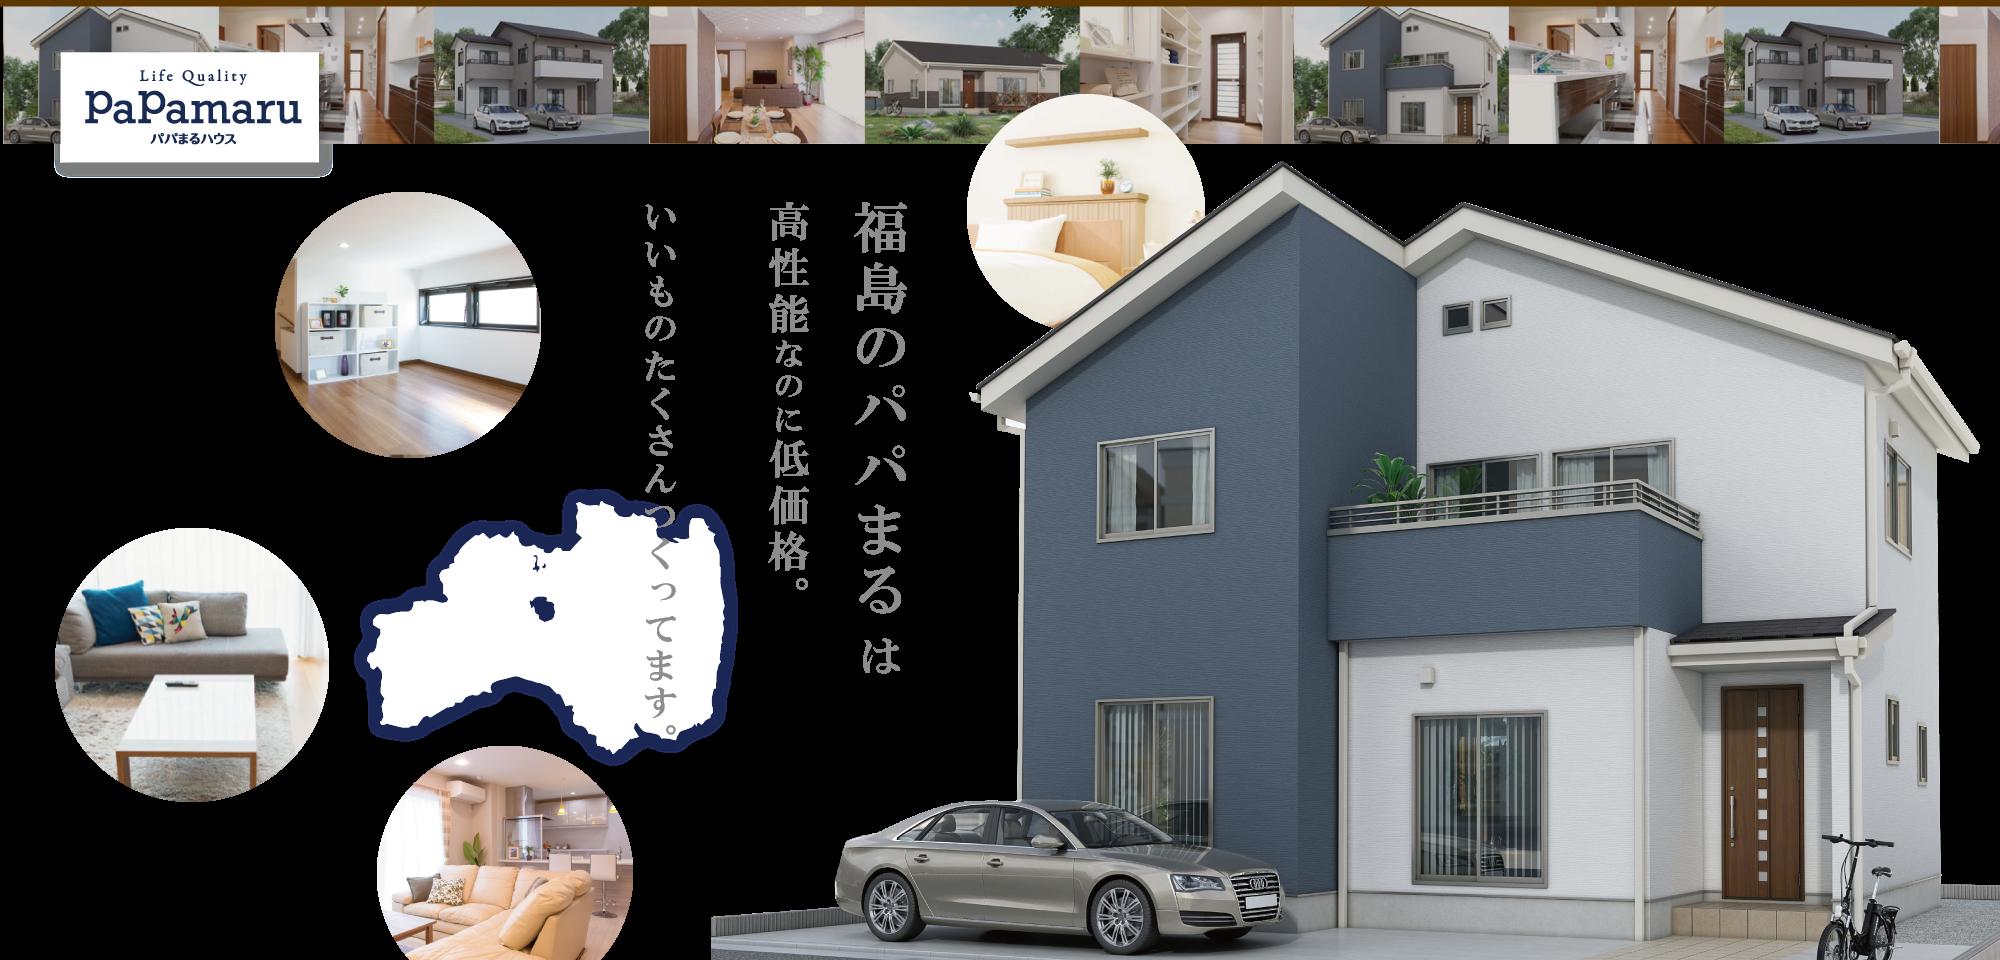 福島のパパまるは寒さ・雪・湿気環境に強いハイスペック住宅。